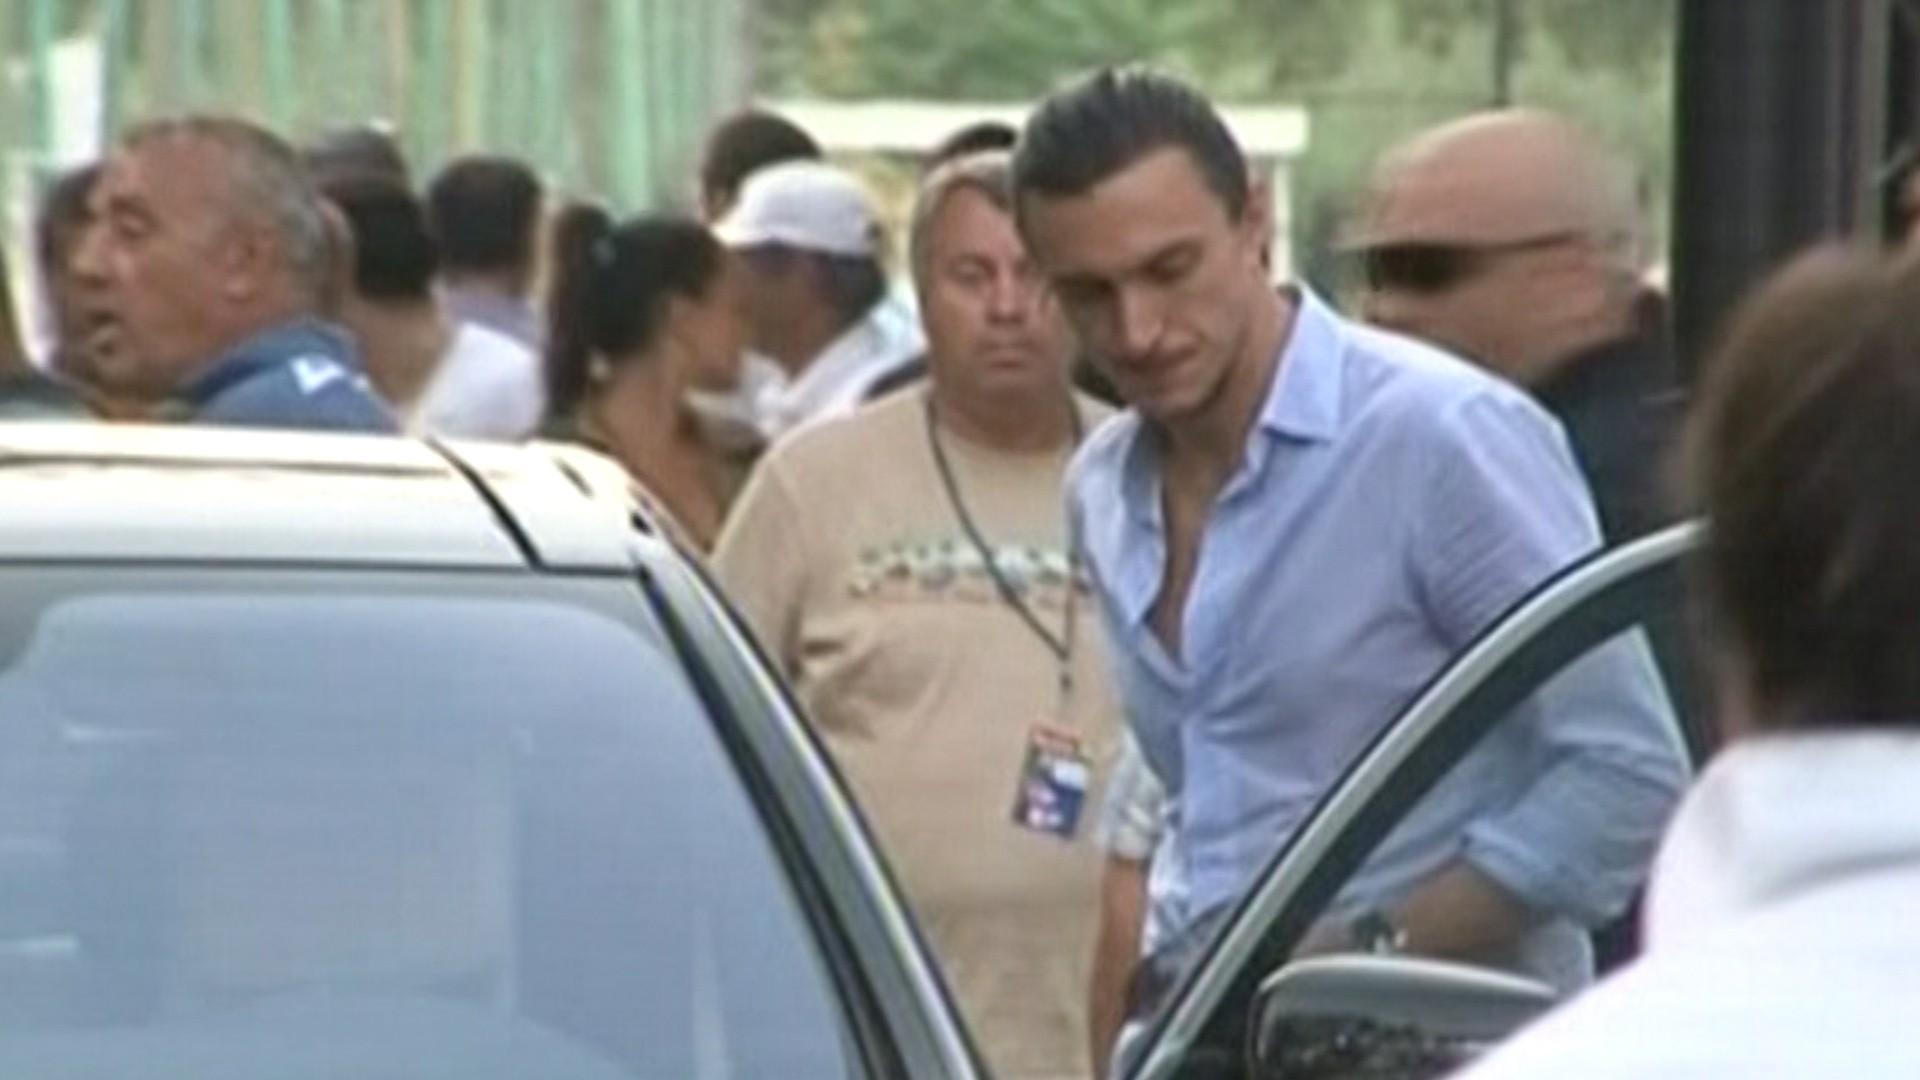 Dragoş Săvulescu, pus sub control judiciar în Grecia. Fostul acţionar de la Dinamo nu poate părăsi țara